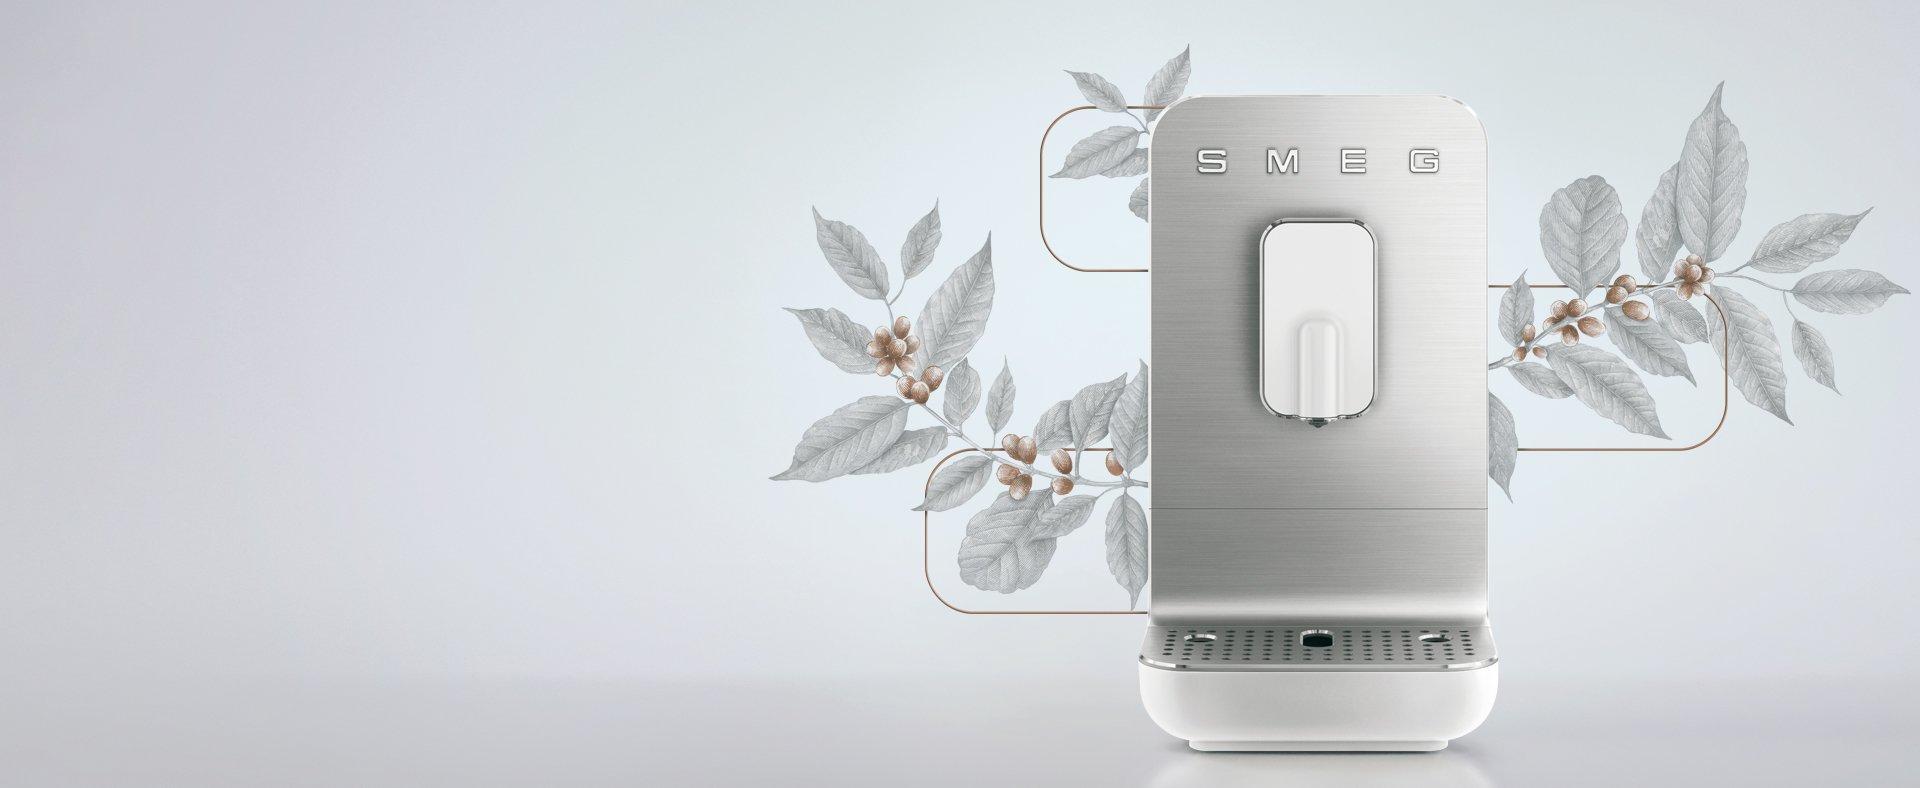 Nueva cafetera superautomática | Tienda Online Oficial Smeg